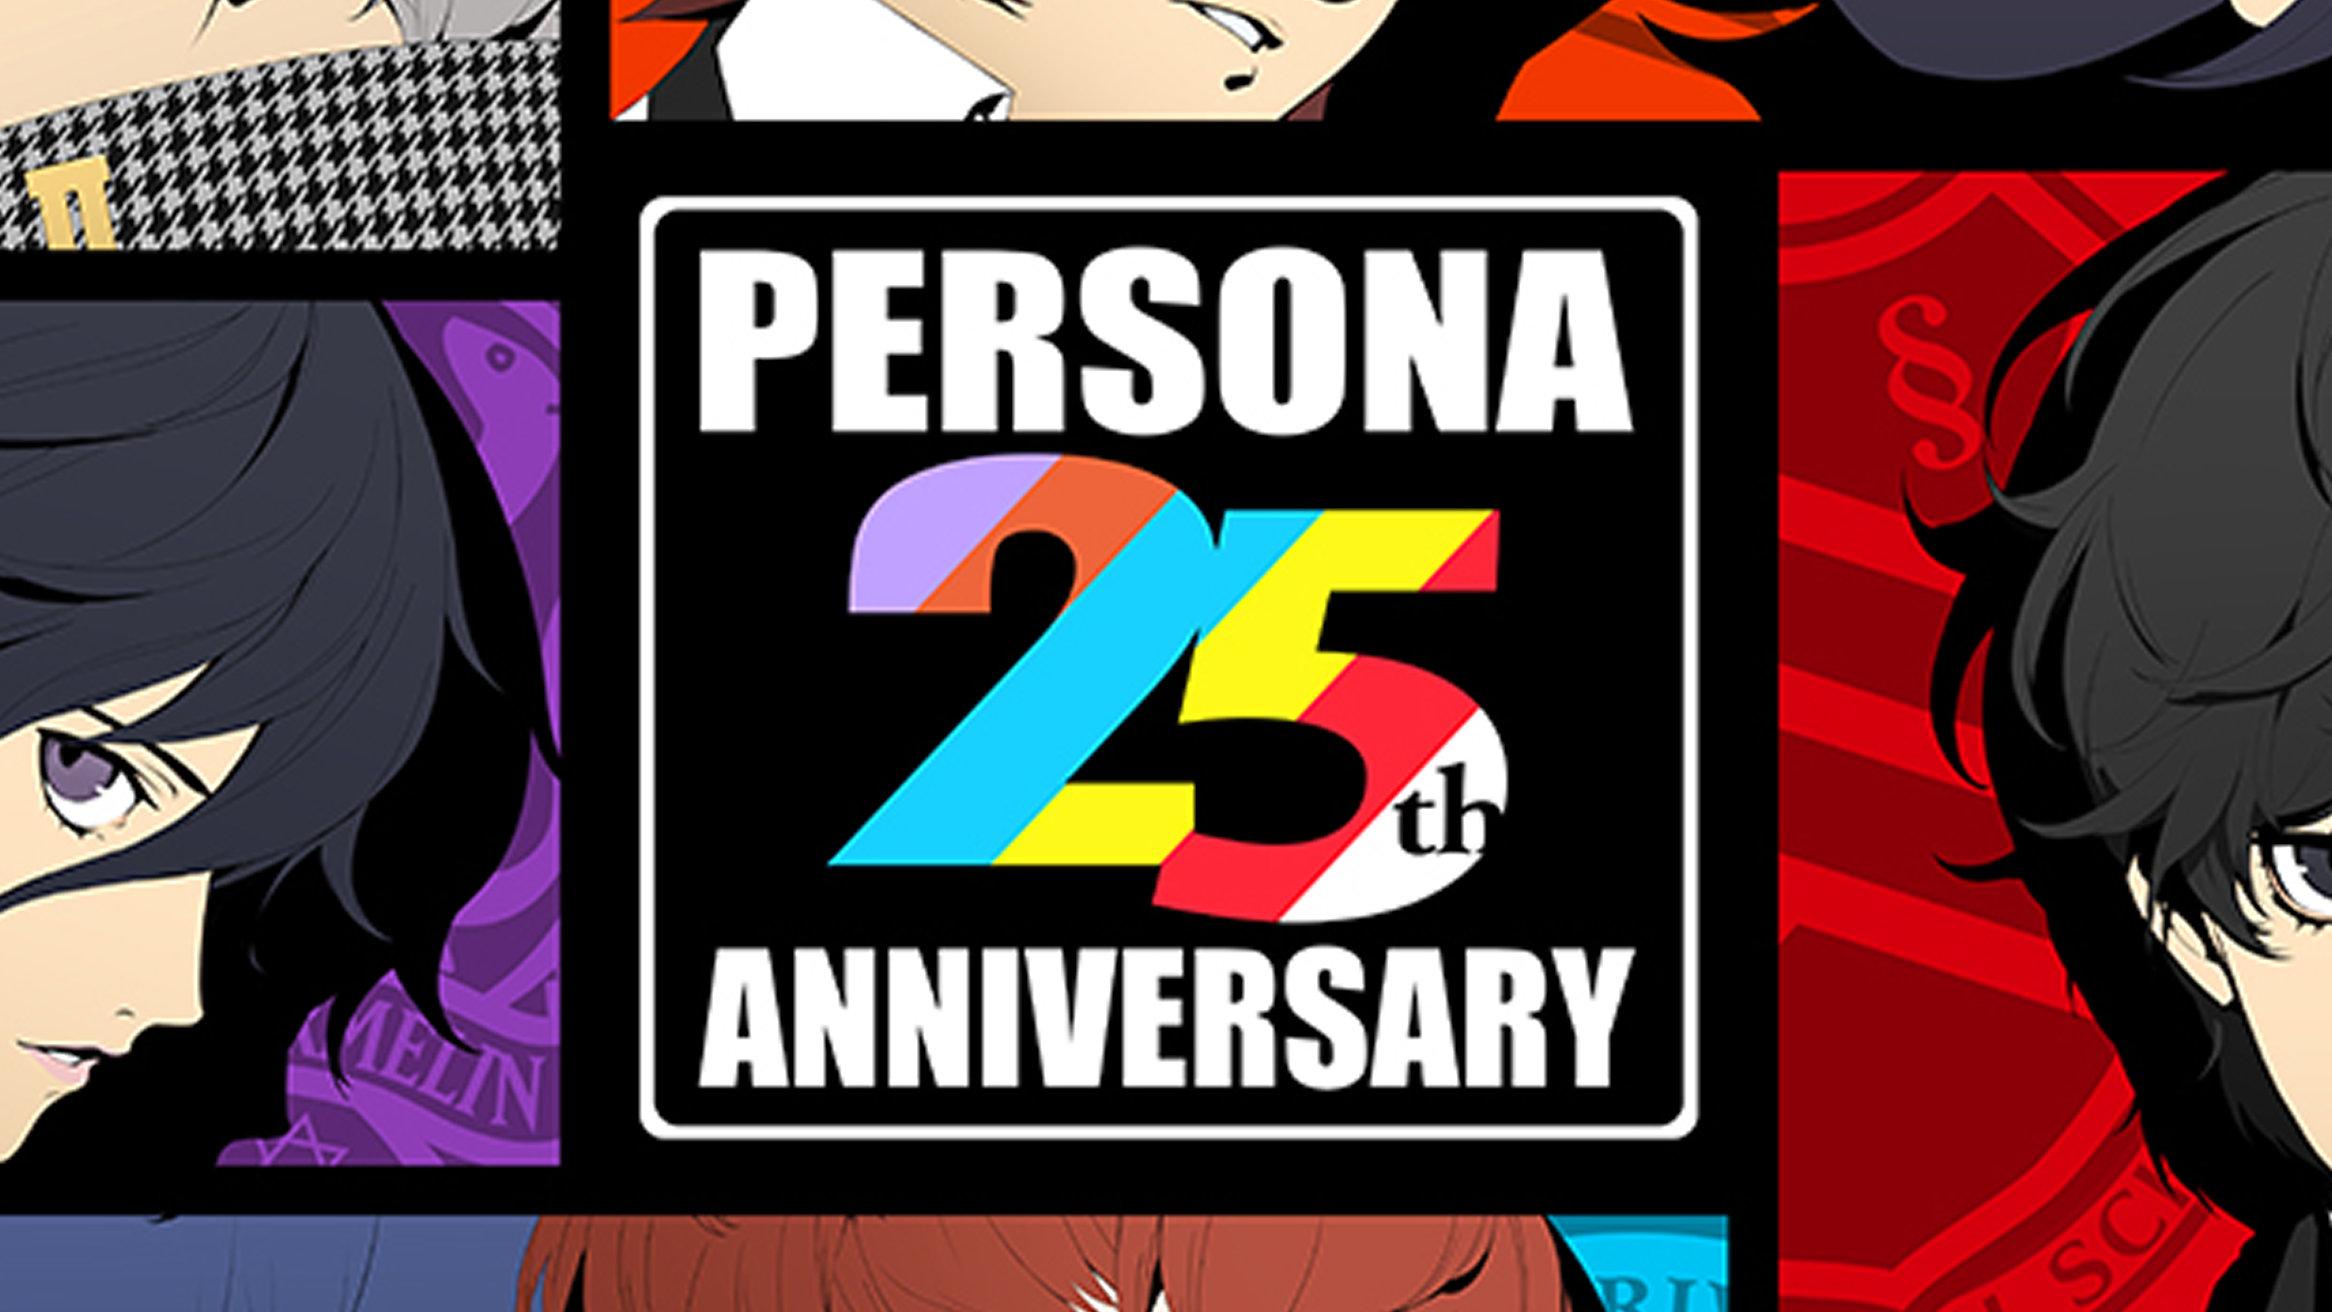 ペルソナ、25周年記念の期間中にゲームの情報を予告